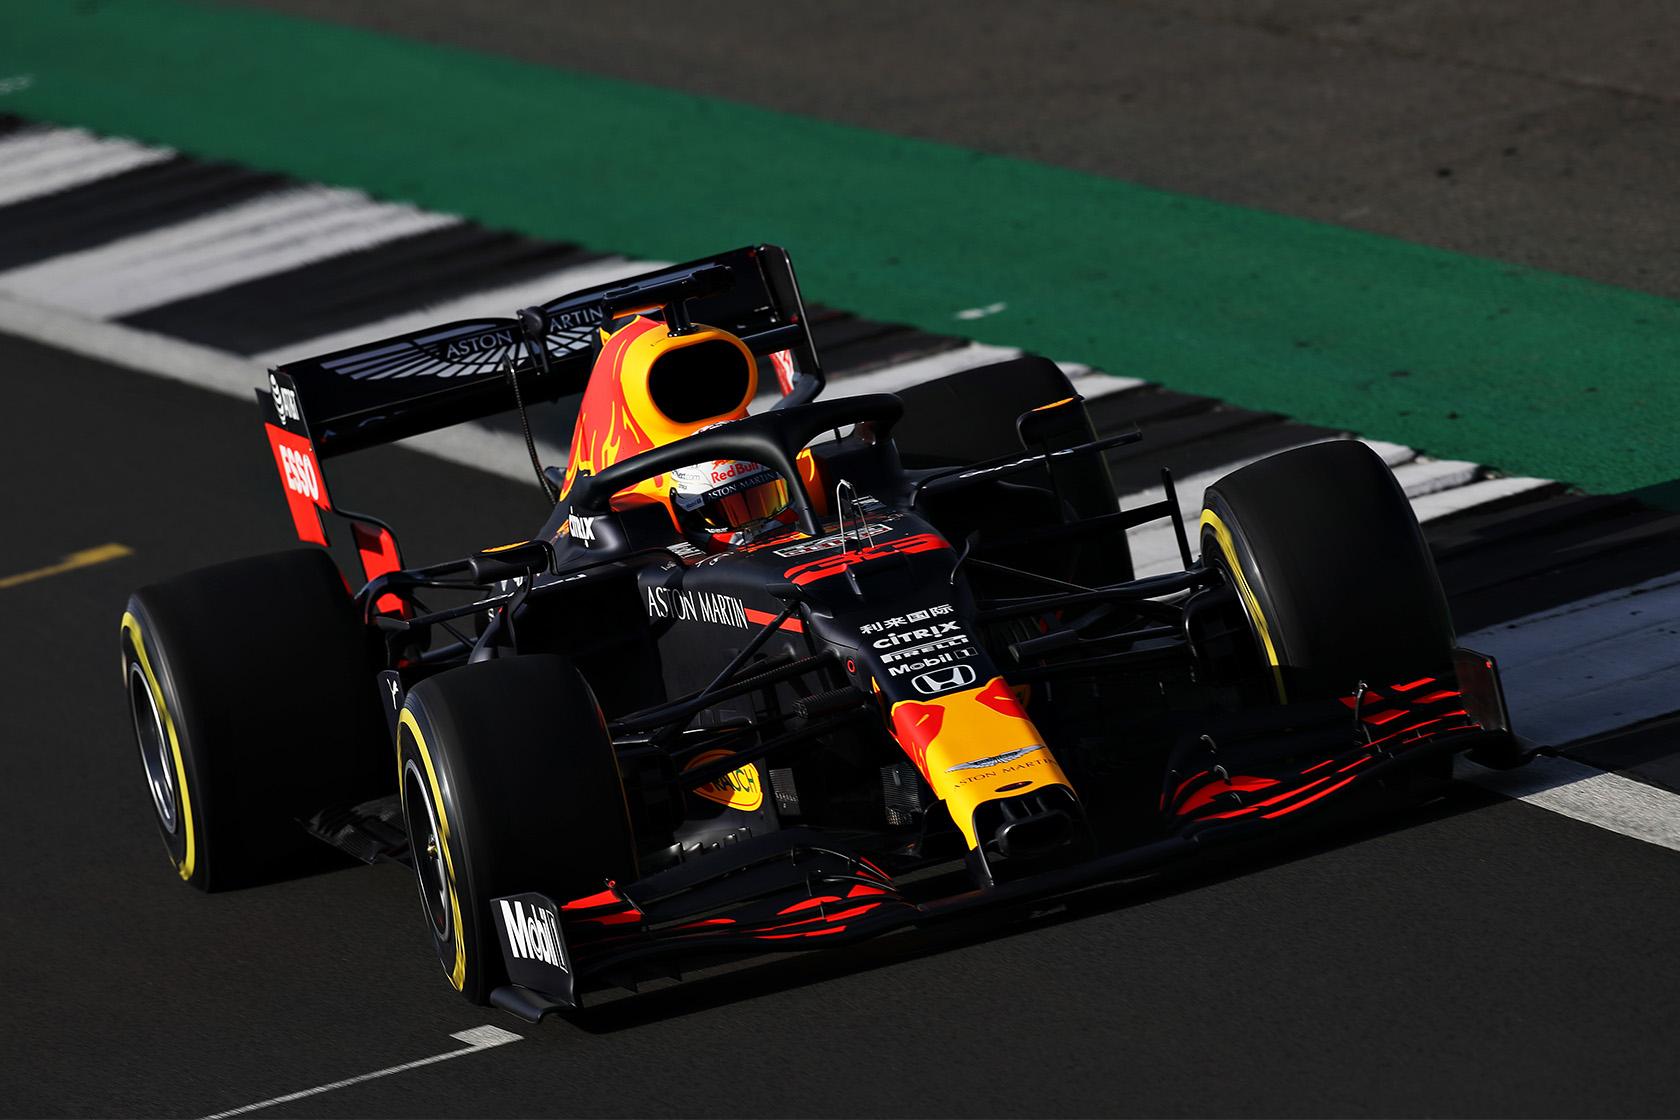 TAG Heuer泰格豪雅與F1車隊再創錶壇新話題